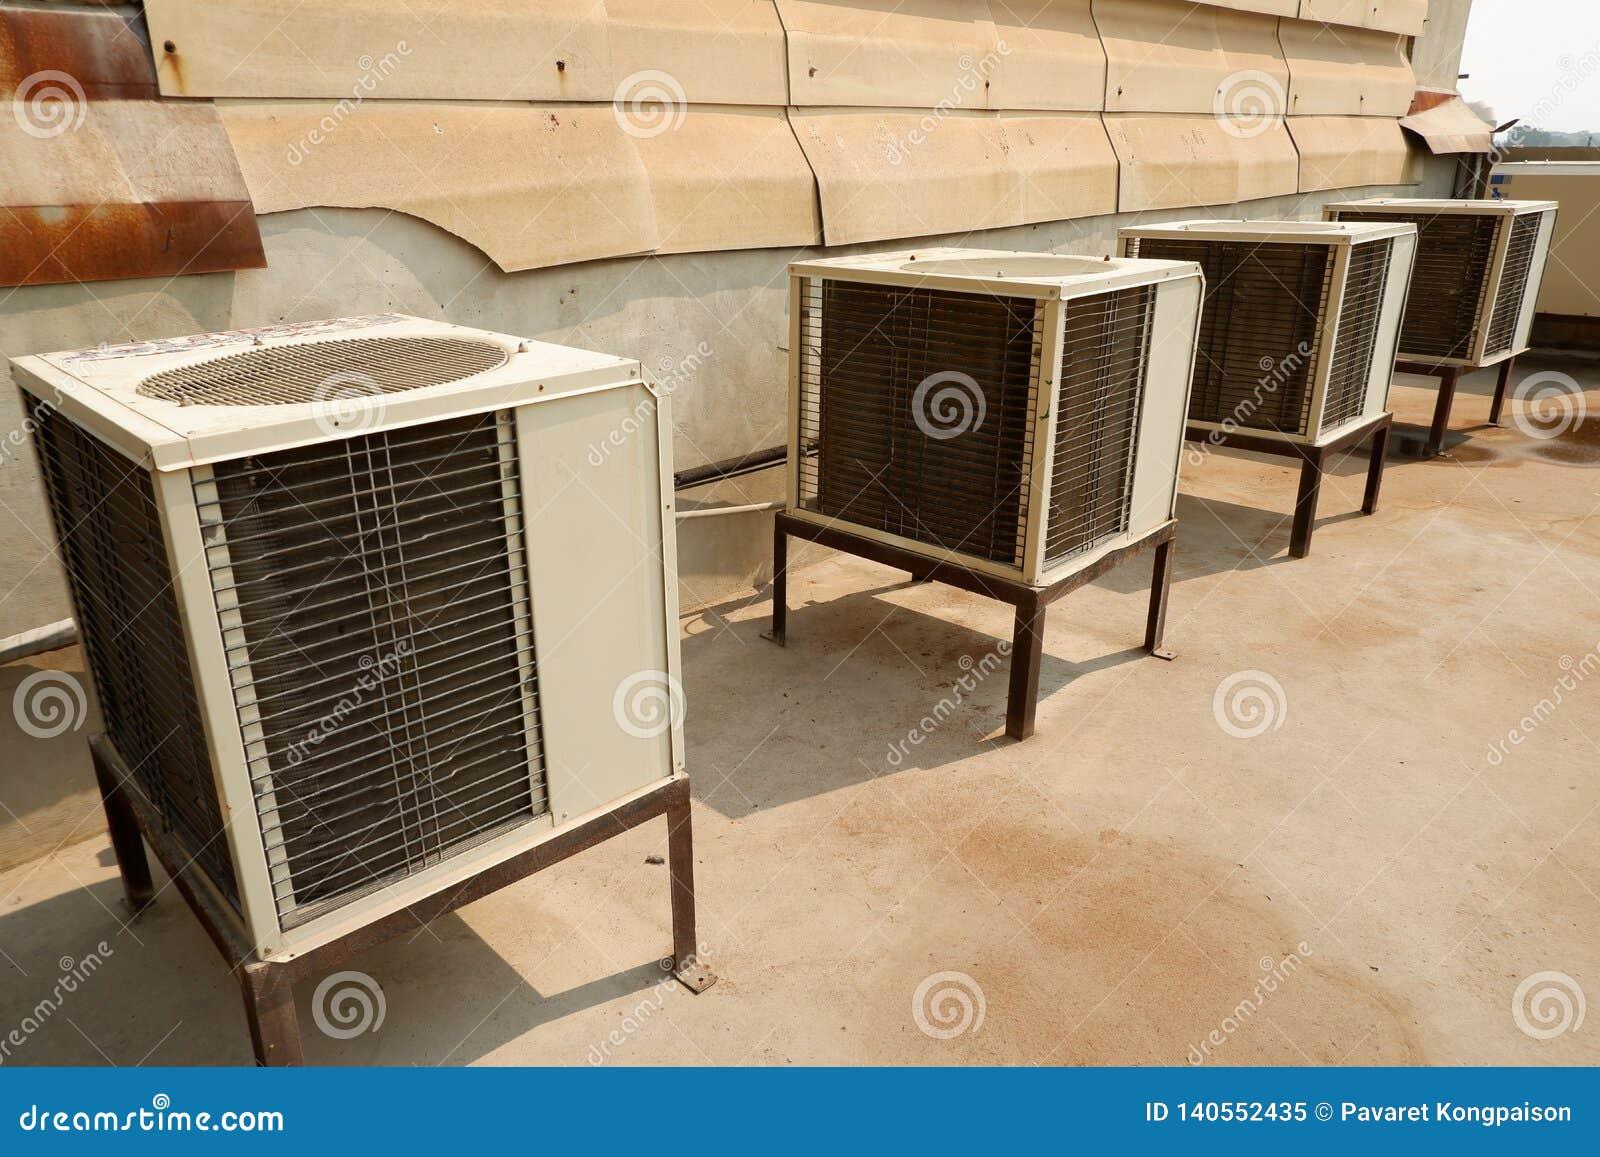 Unidades de aire acondicionado blancas del compresor del aire acondicionado viejas y sucias